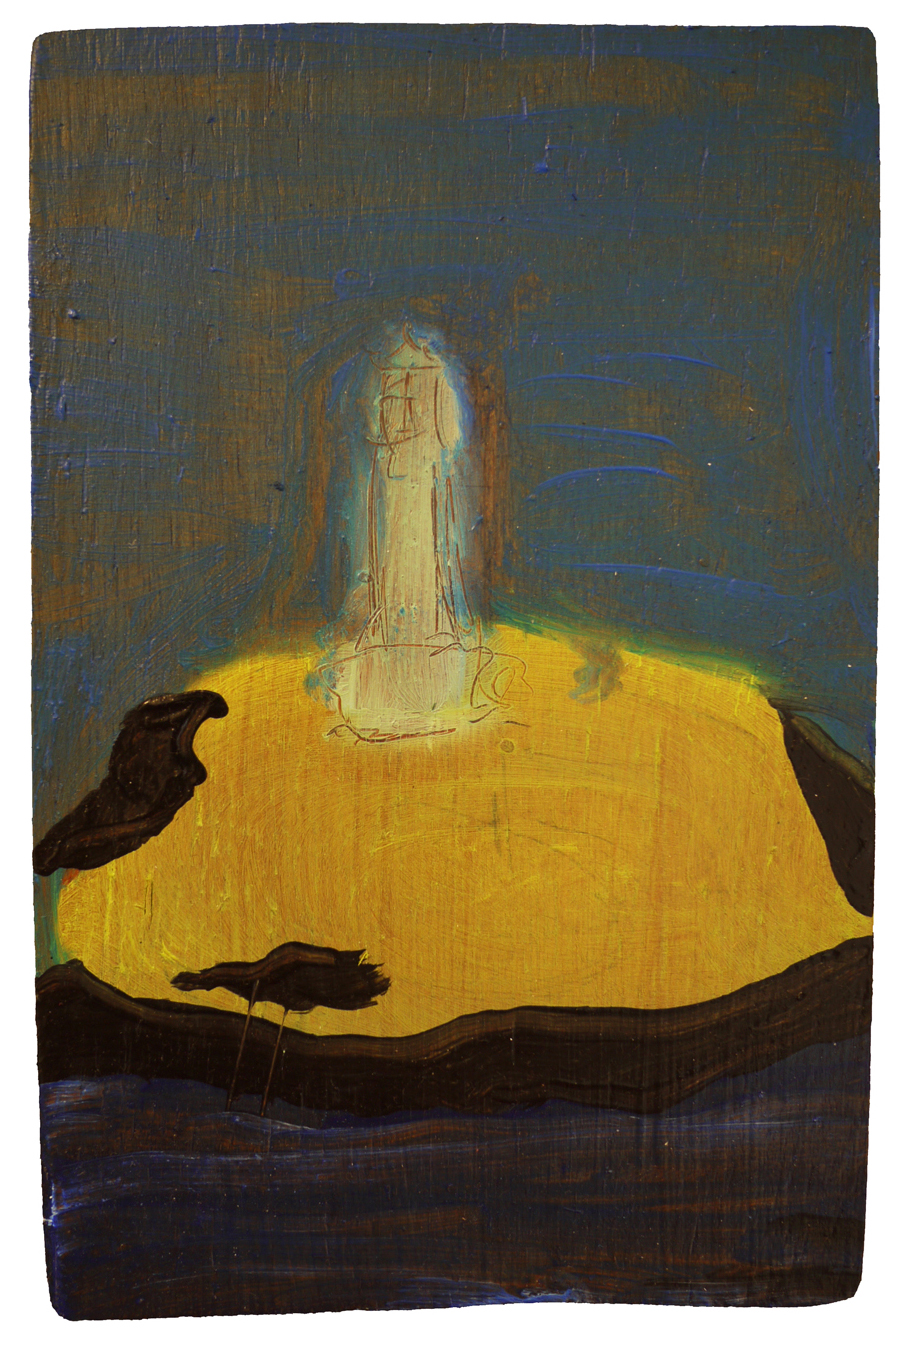 Lighthouse, 2018, oil on board, 13cm x 20cm